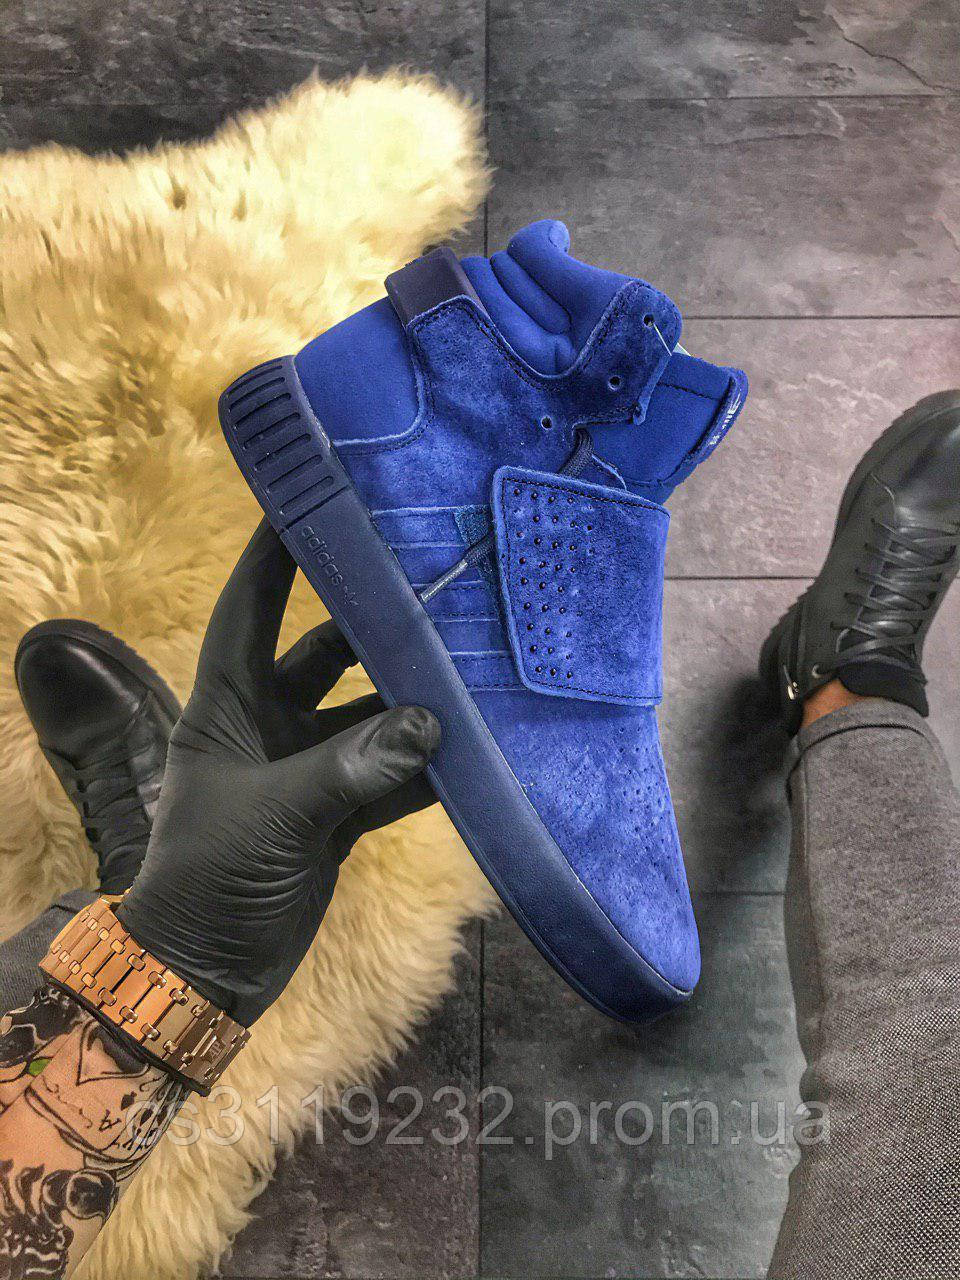 Мужские кроссовки Adidas Tubular (синие)